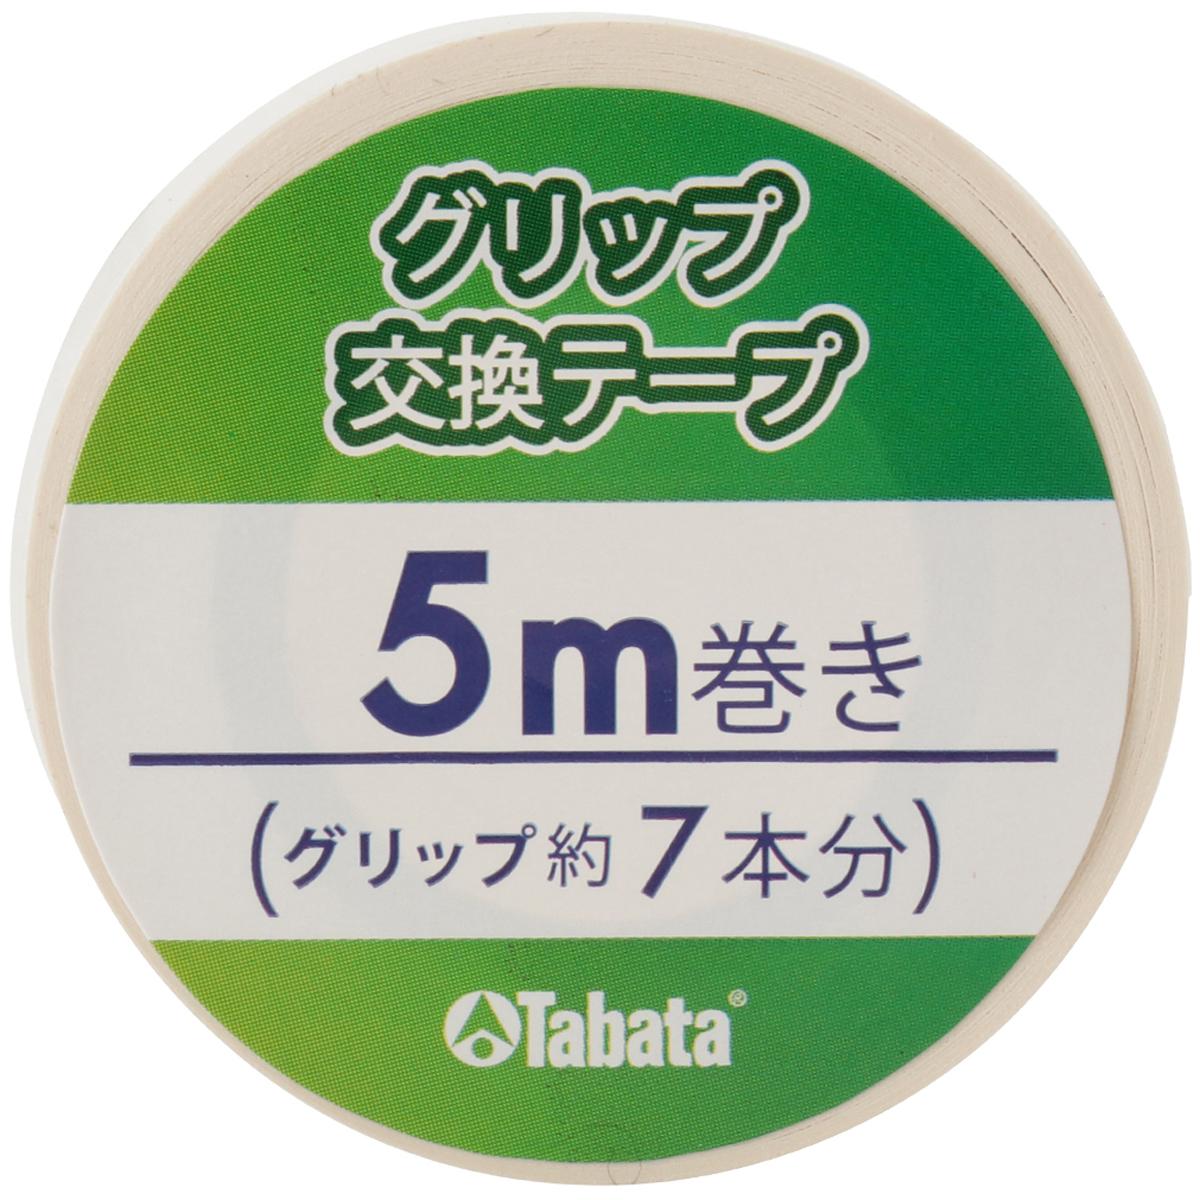 グリップ交換テープ5m GV-0609